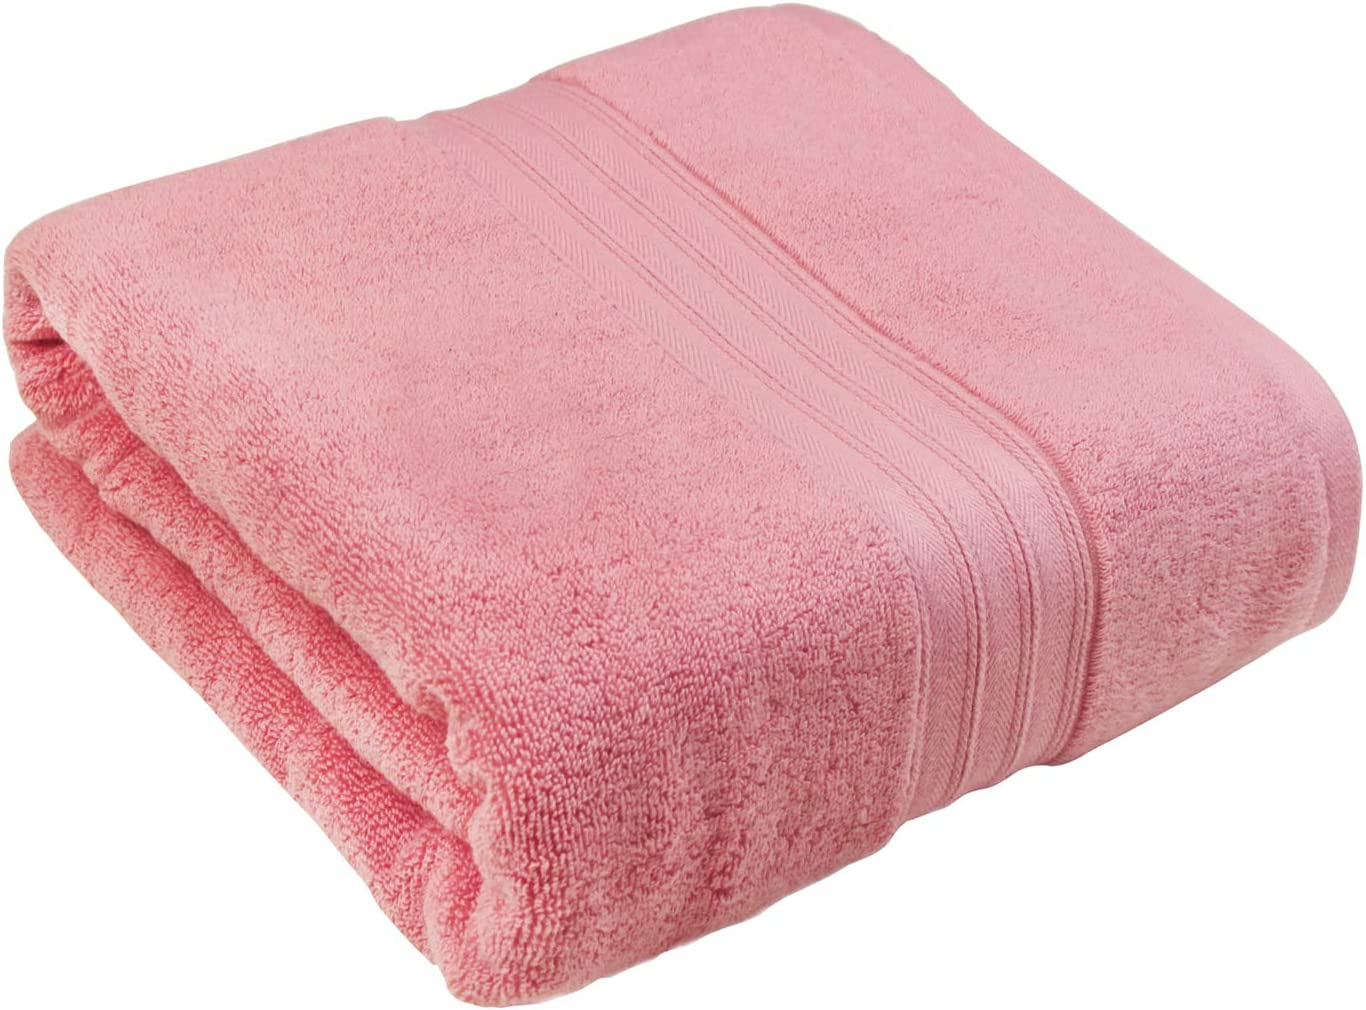 1 pieza toalla grande y gruesa de 80 x 160 cm para toallas de ducha 500 g//m/² supersuave y absorbente Toalla de ba/ño 100/% algod/ón egipcio manta de dormir